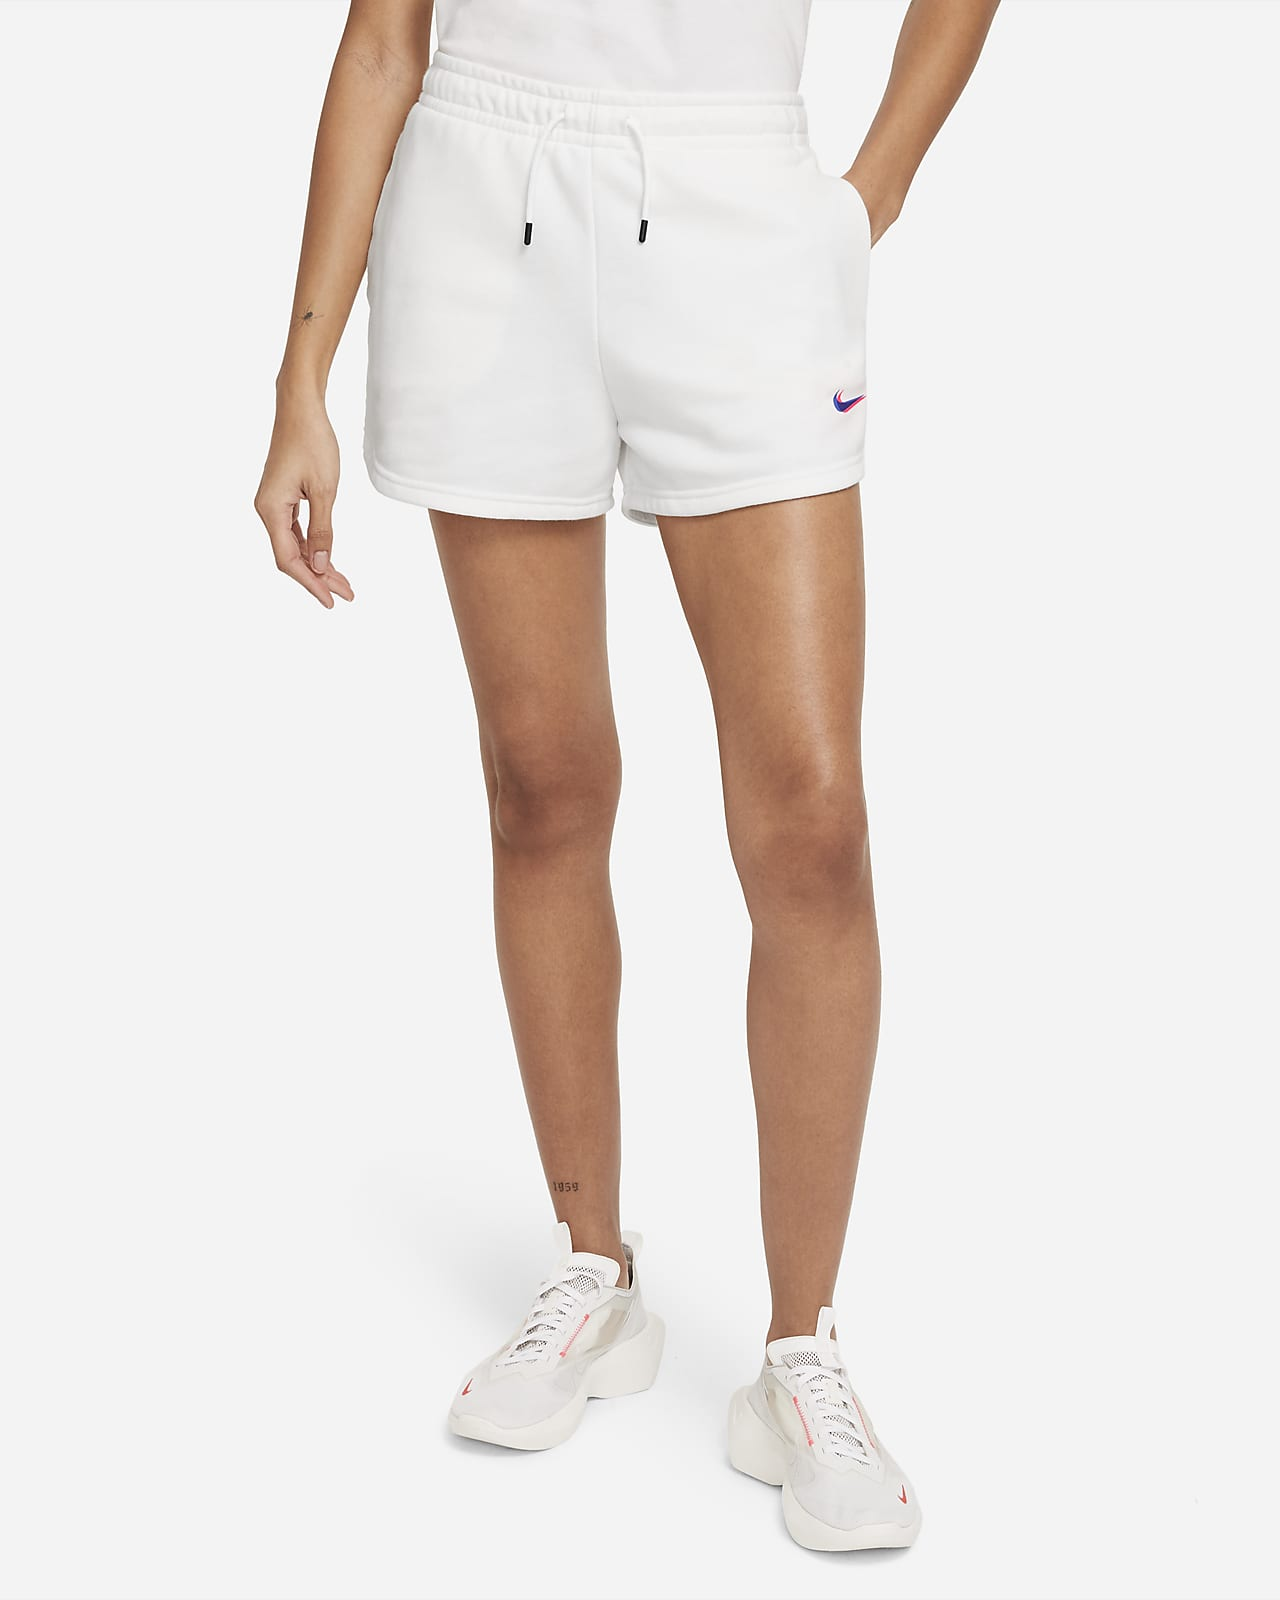 Nike Sportswear Essential Women's Dance Shorts